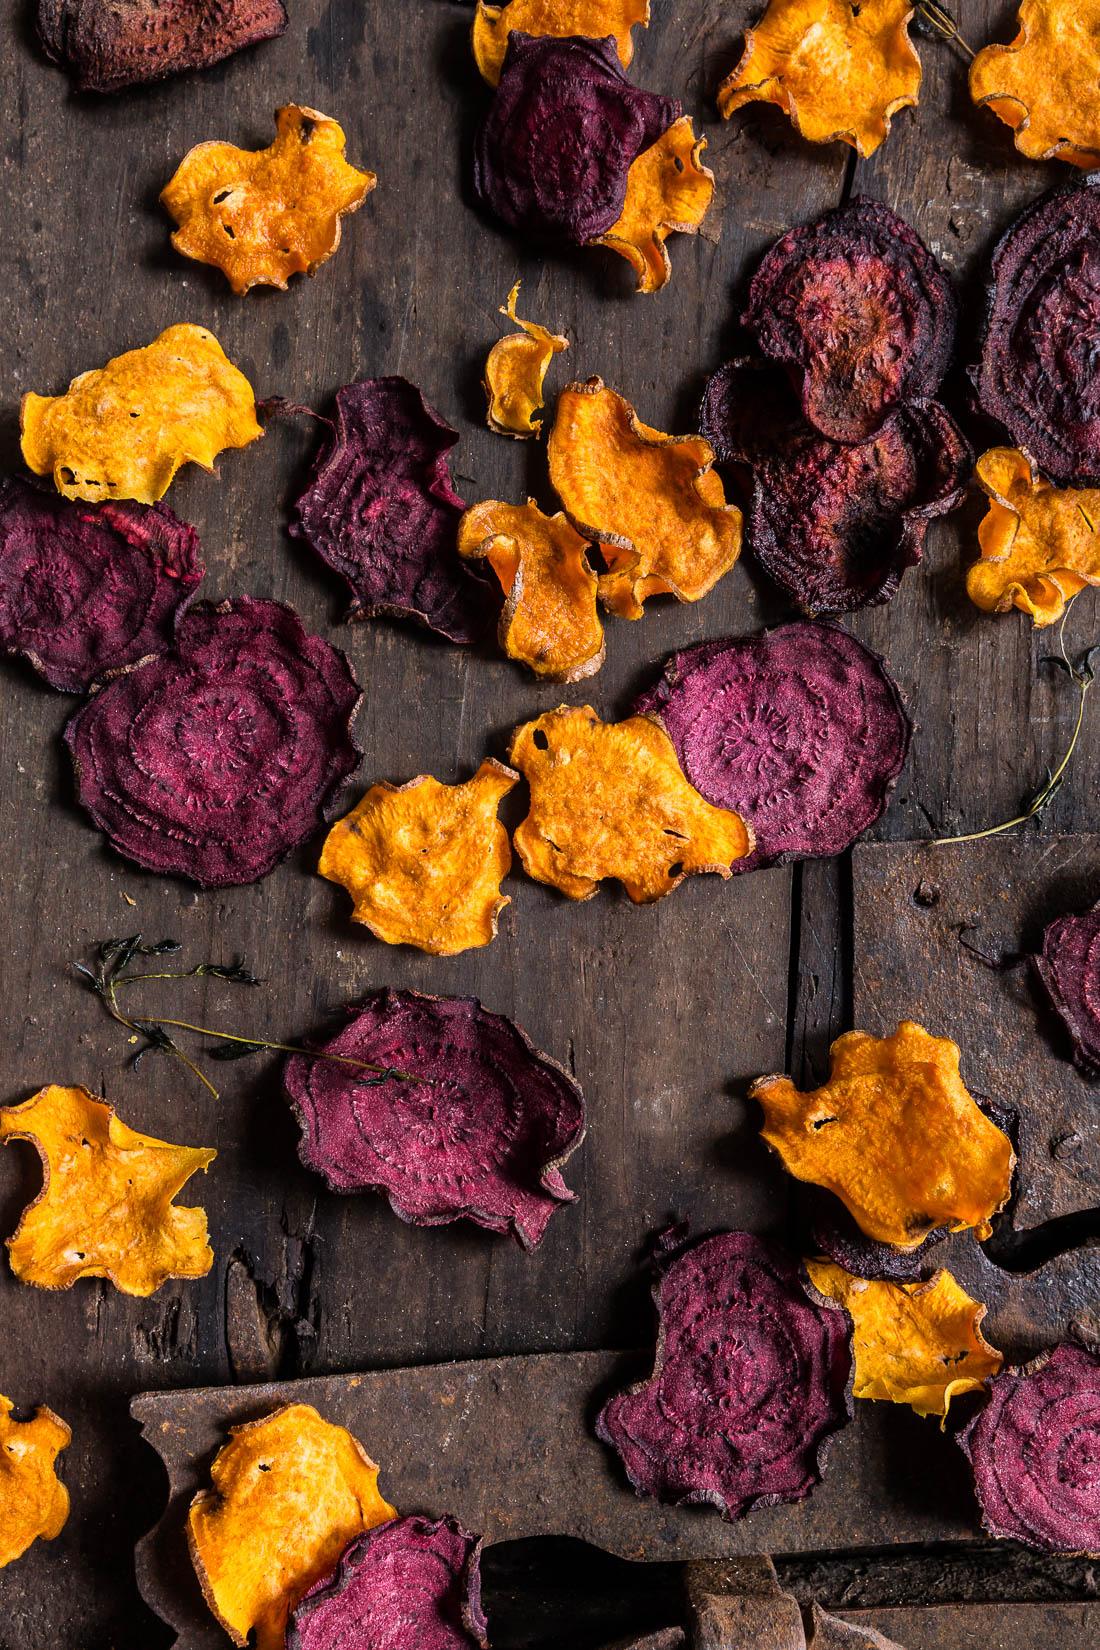 ricetta chips di barbabietola e patate dolci Hummus alla zucca con - pumpkin hummus recipe with beet and sweet potato chips